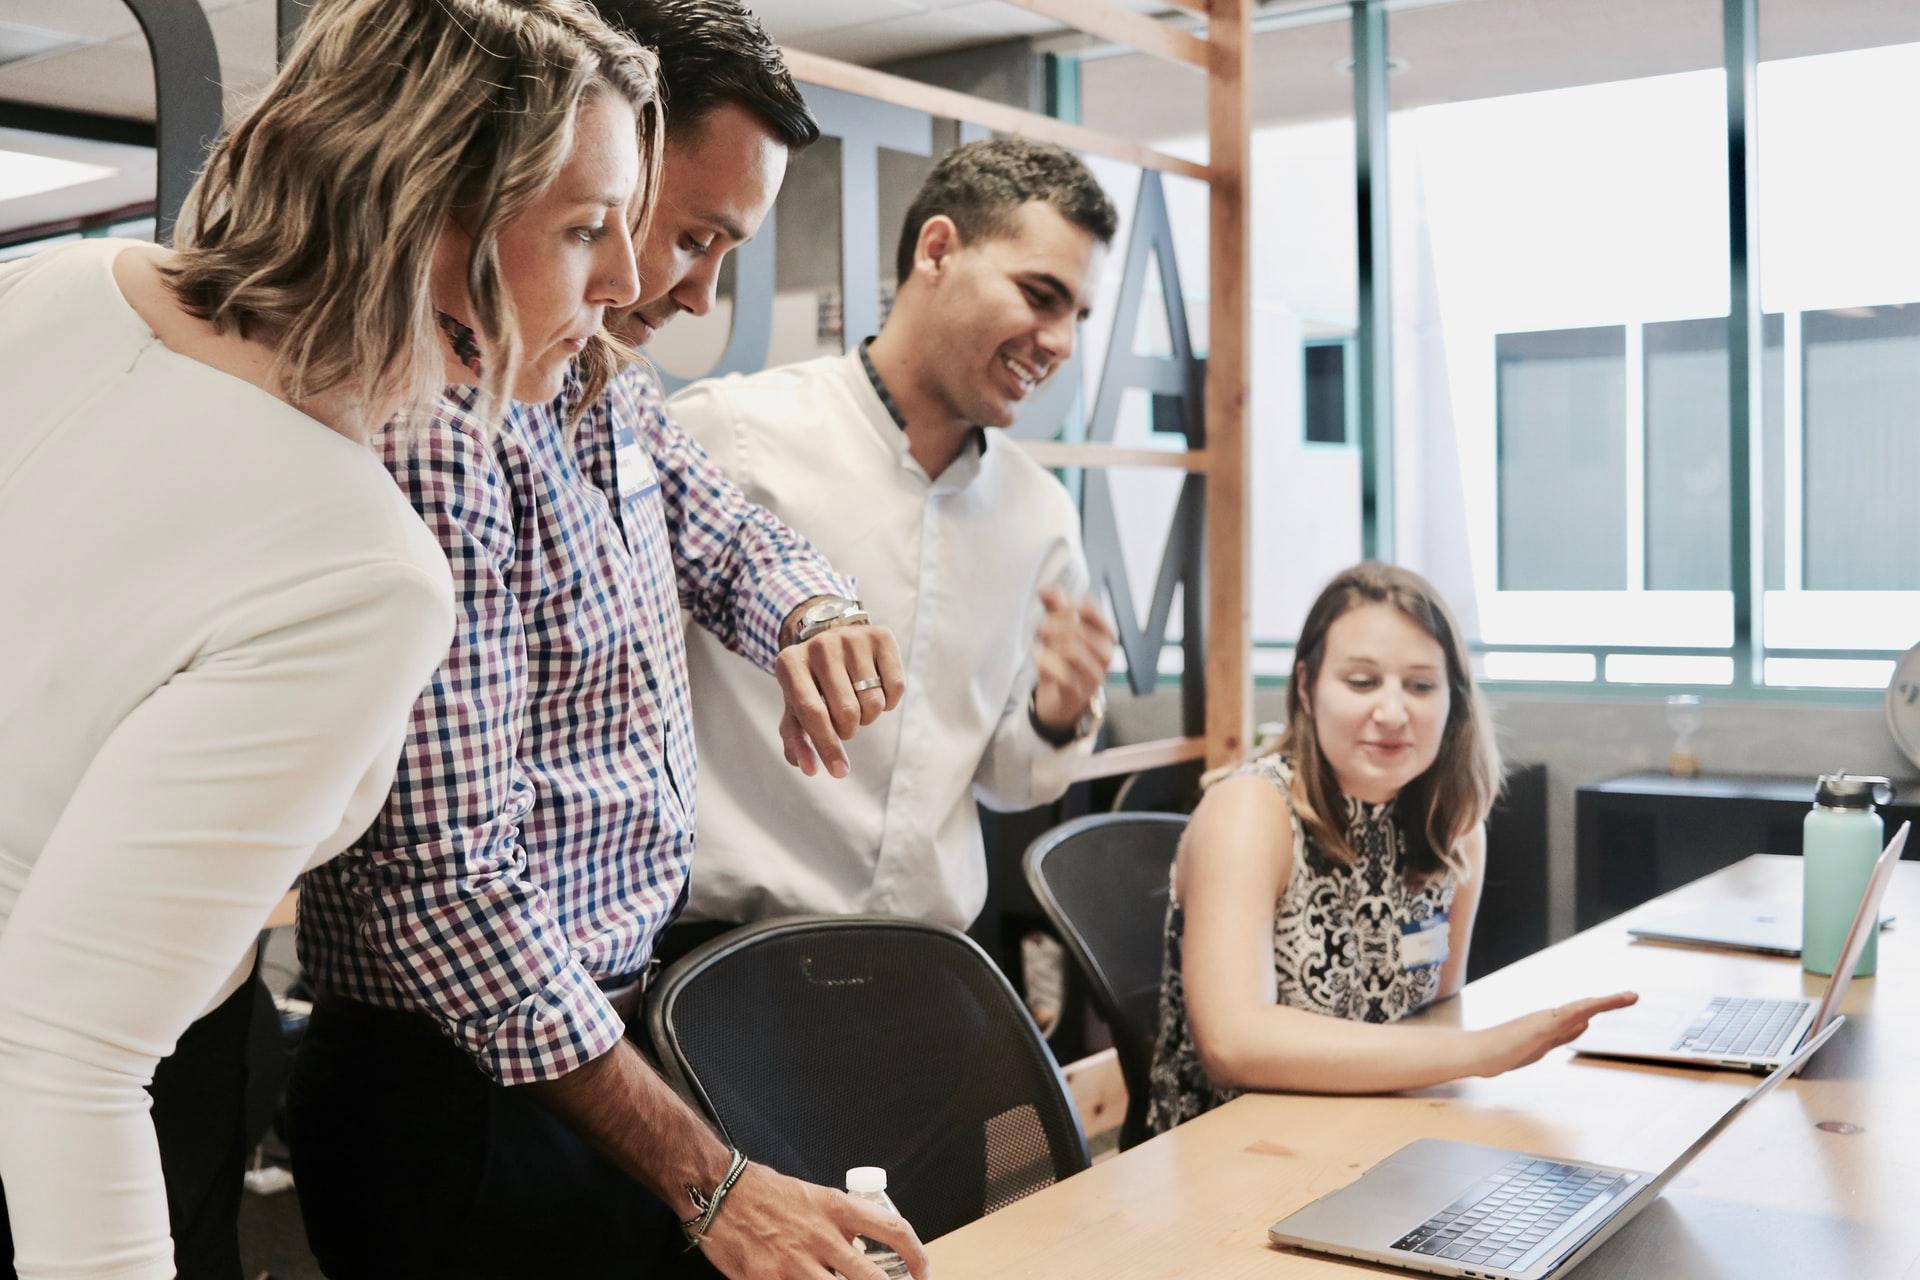 How to Handle Unreimbursed Employee Expenses